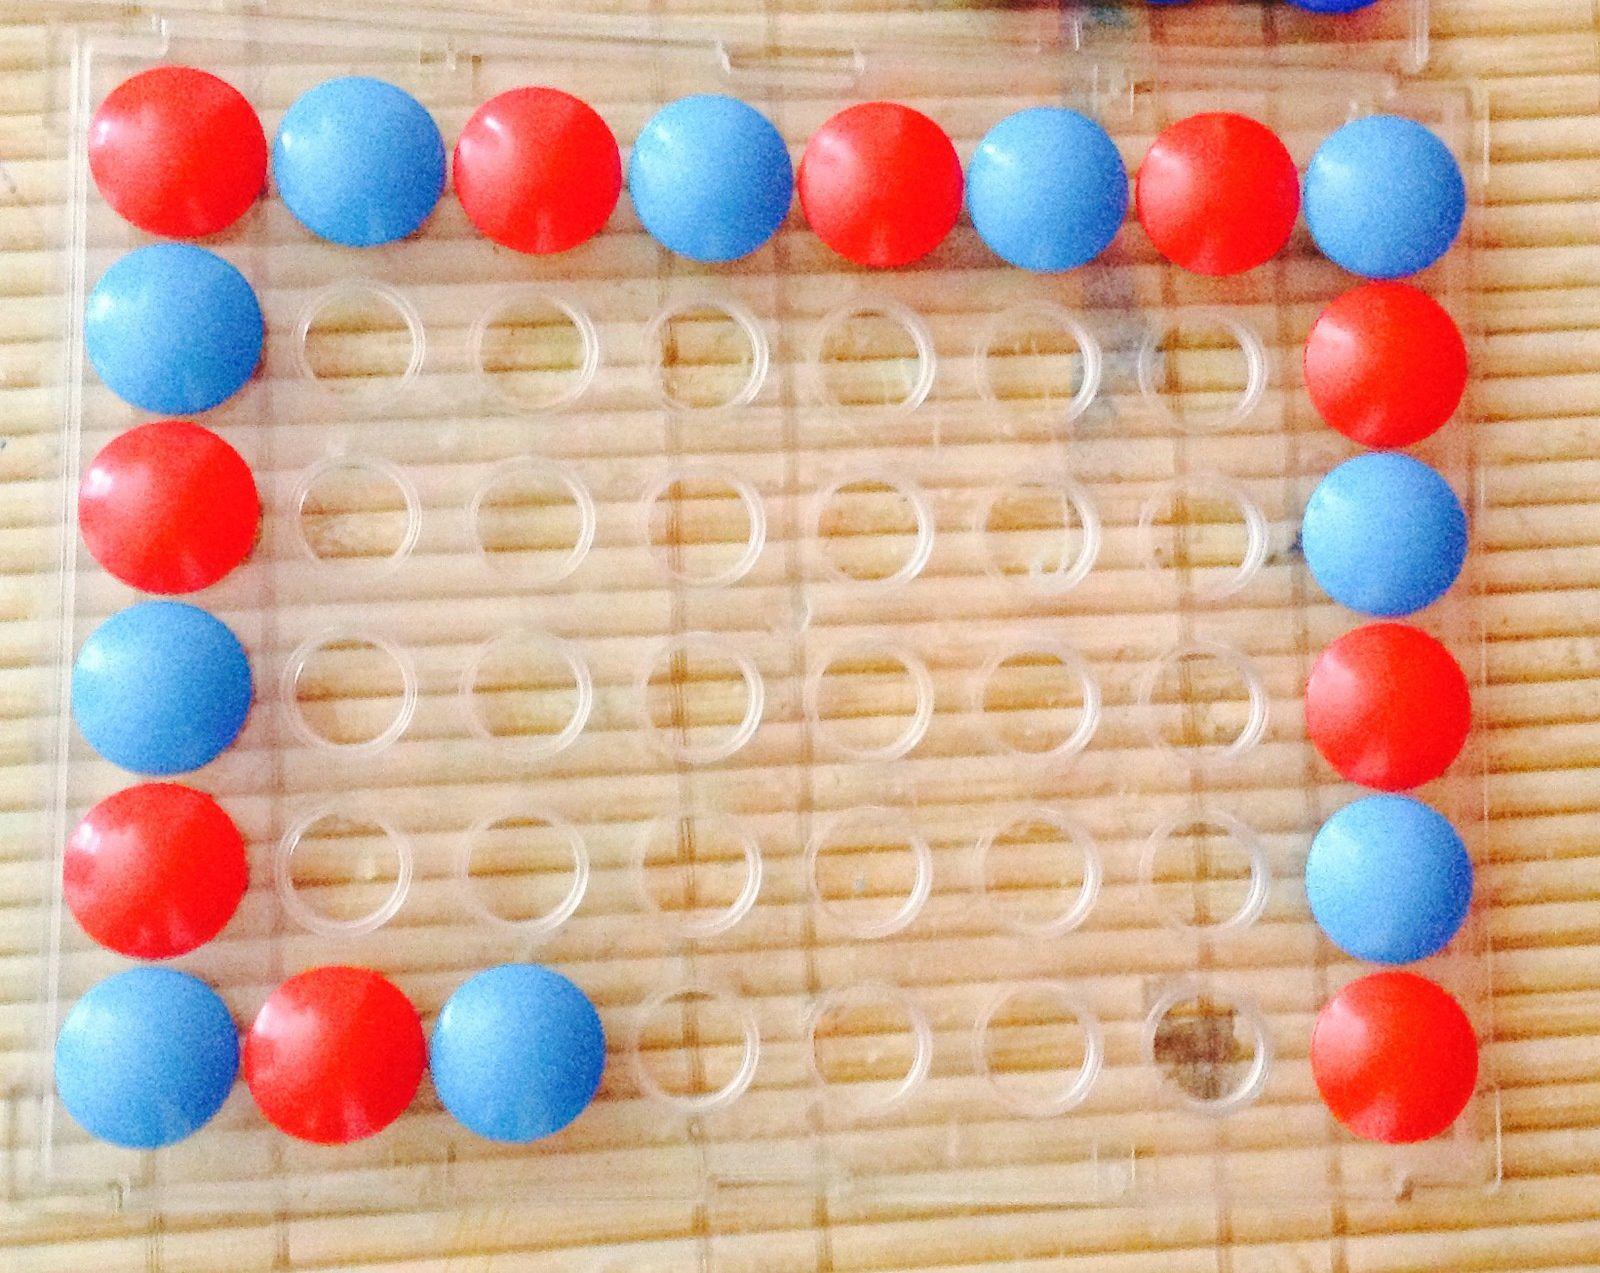 Un nouveau jeu avec les pastilles avec les enfants d'âge préscolaire (premier essai)